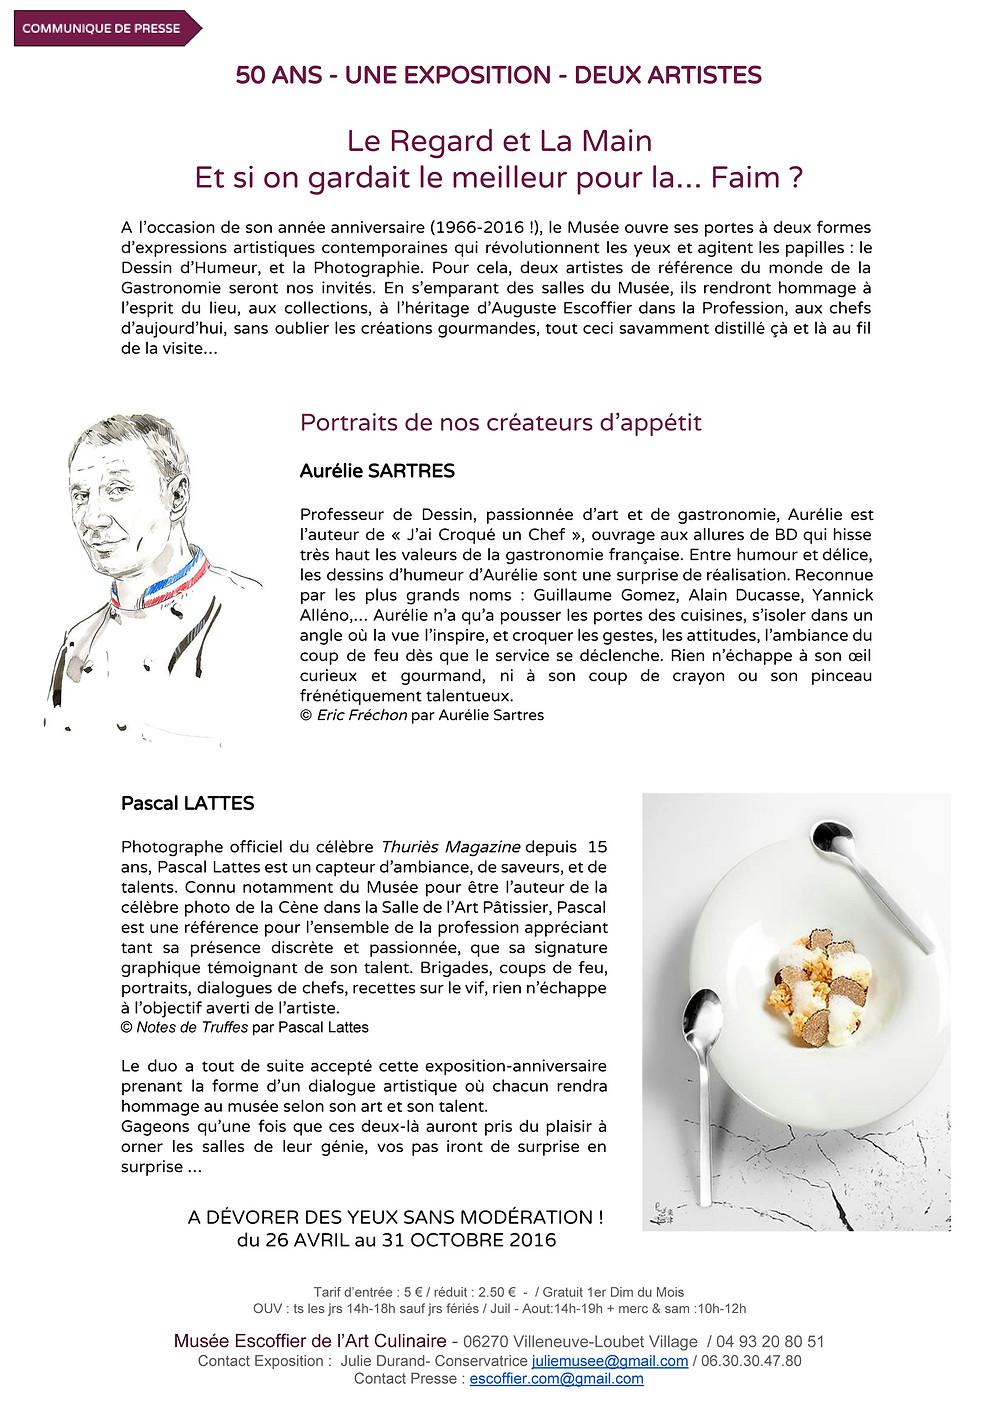 Aurélie Sartres - Dossier de presse